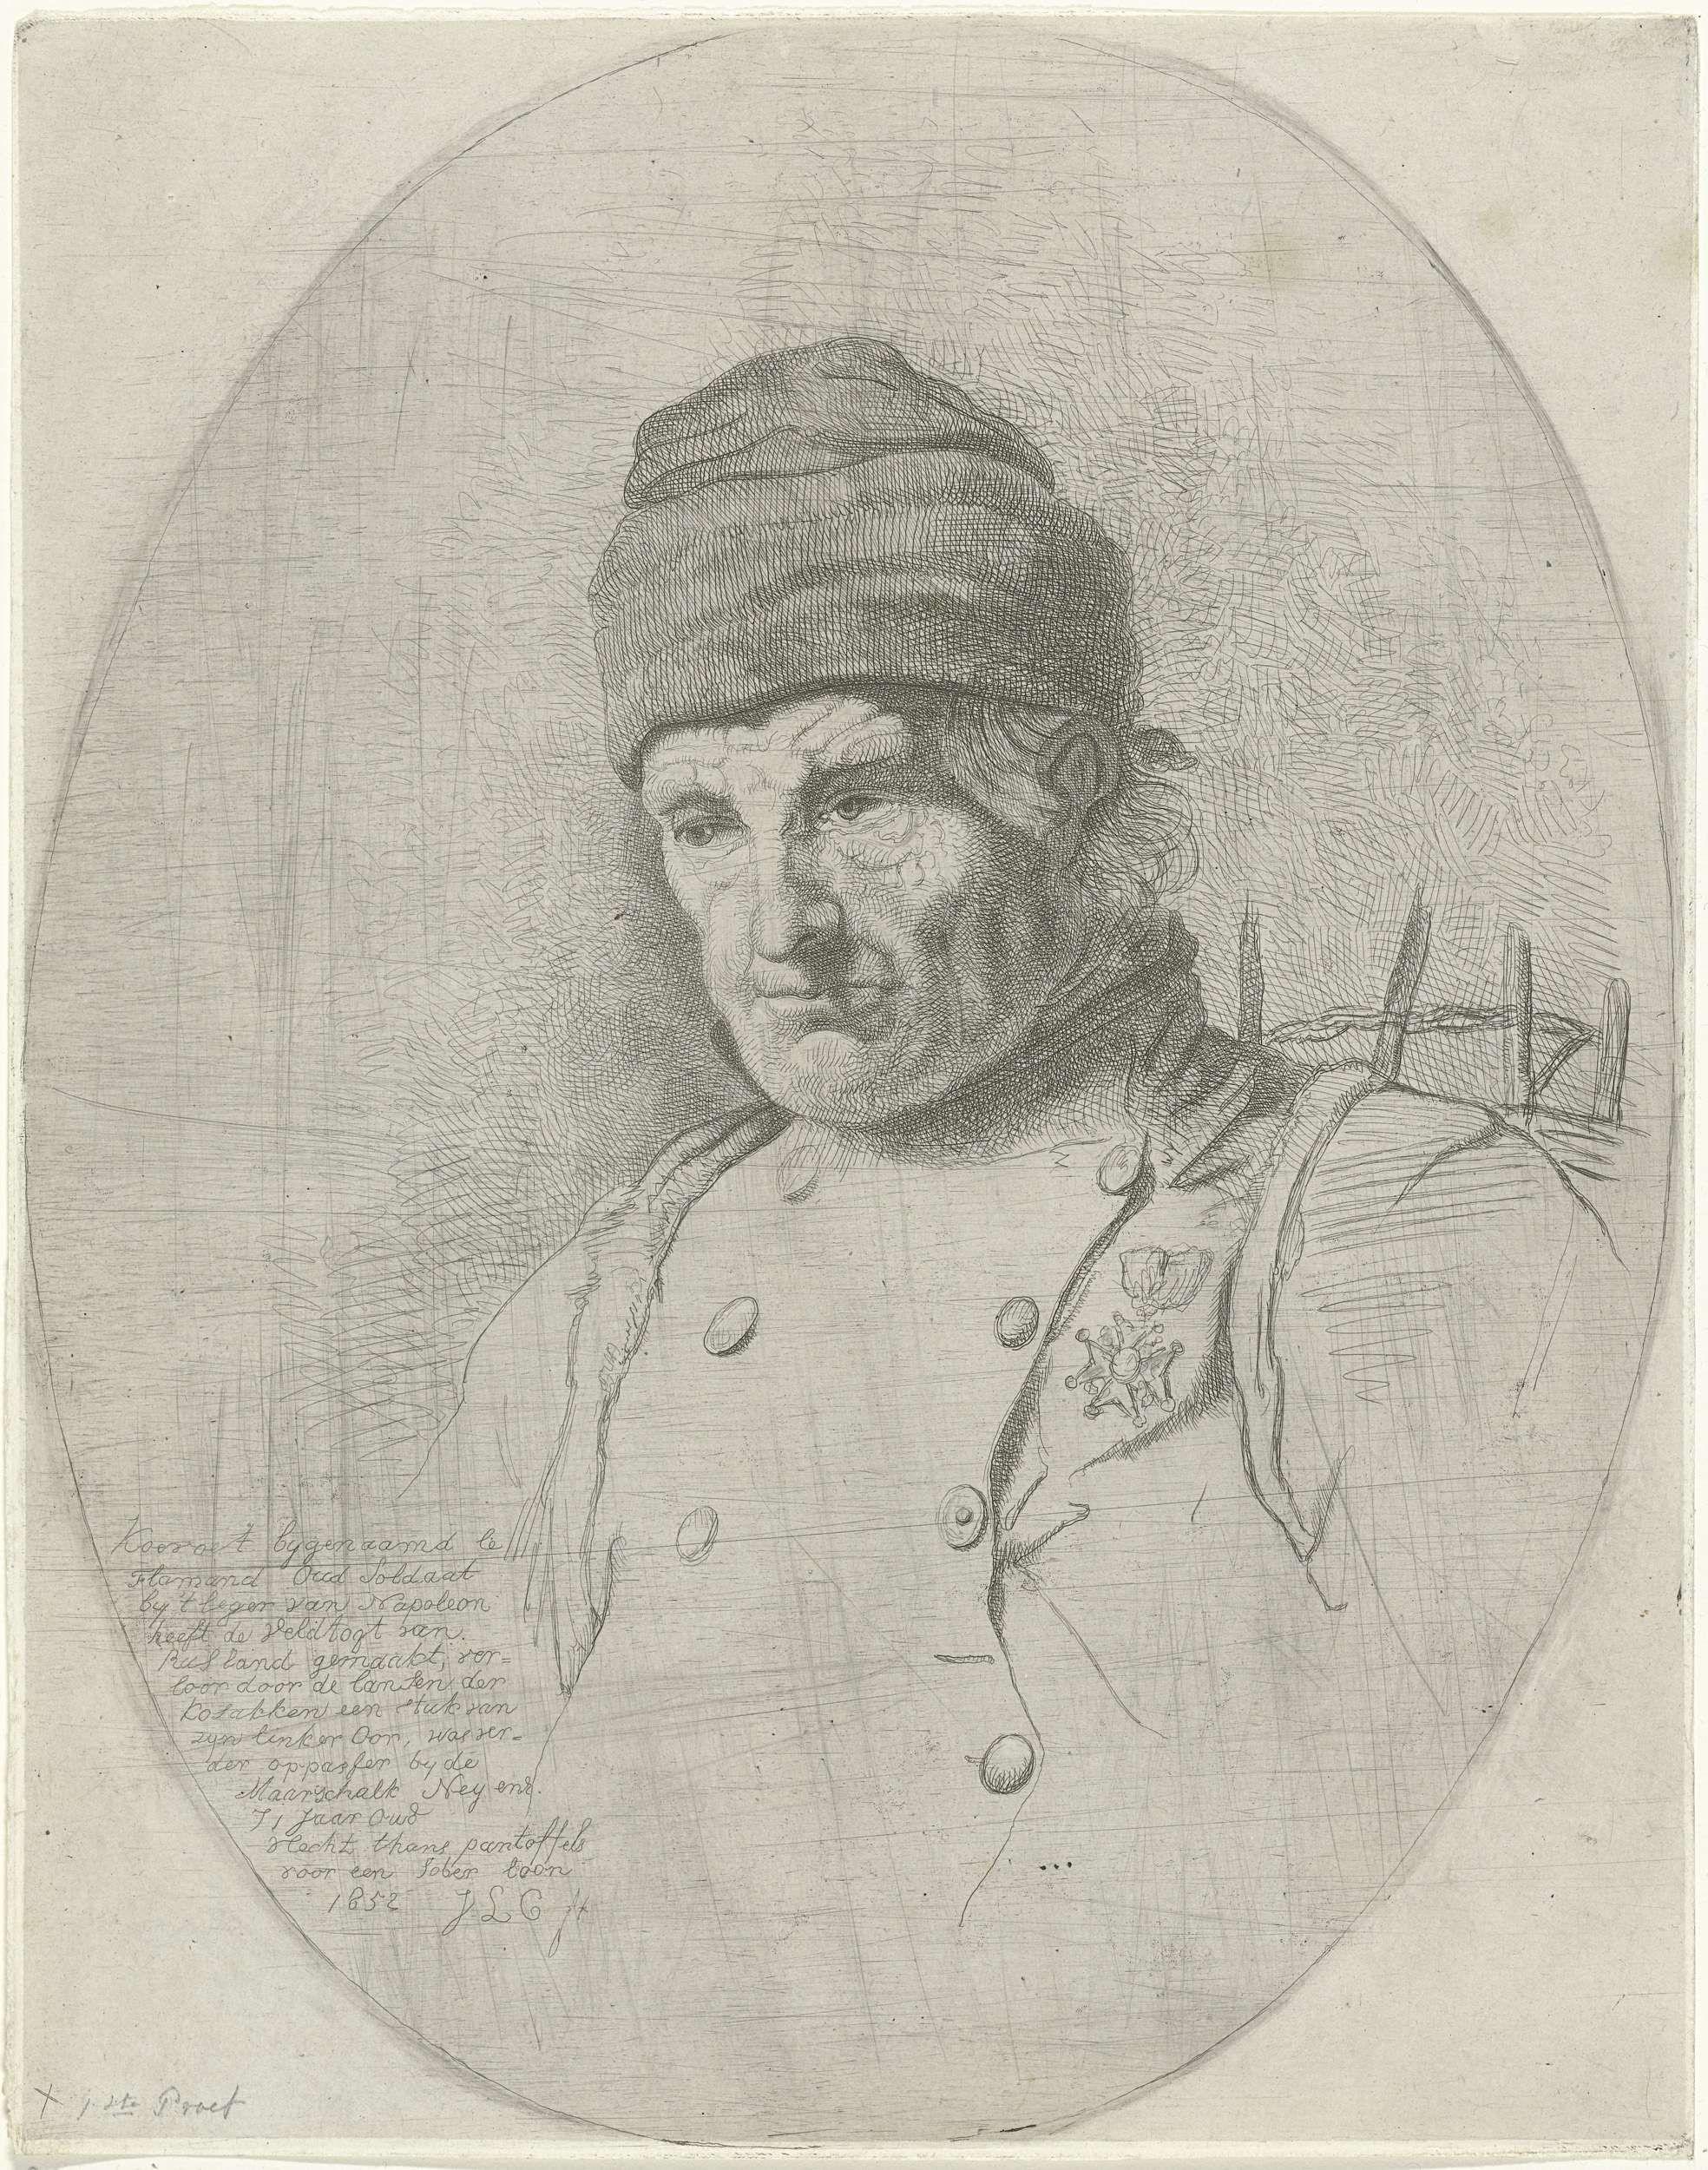 Jacobus Ludovicus Cornet   Portret van Koevoet Le Flamand, Jacobus Ludovicus Cornet, 1852   Portret in een ovale lijst van Koevoet Le Flamand, een soldaat op rust. Hij draagt zijn legeruniform met een medaille. Buste naar links. De man is een deel van zijn linkeroor kwijt. De prent heeft een Nederlands opschrift.